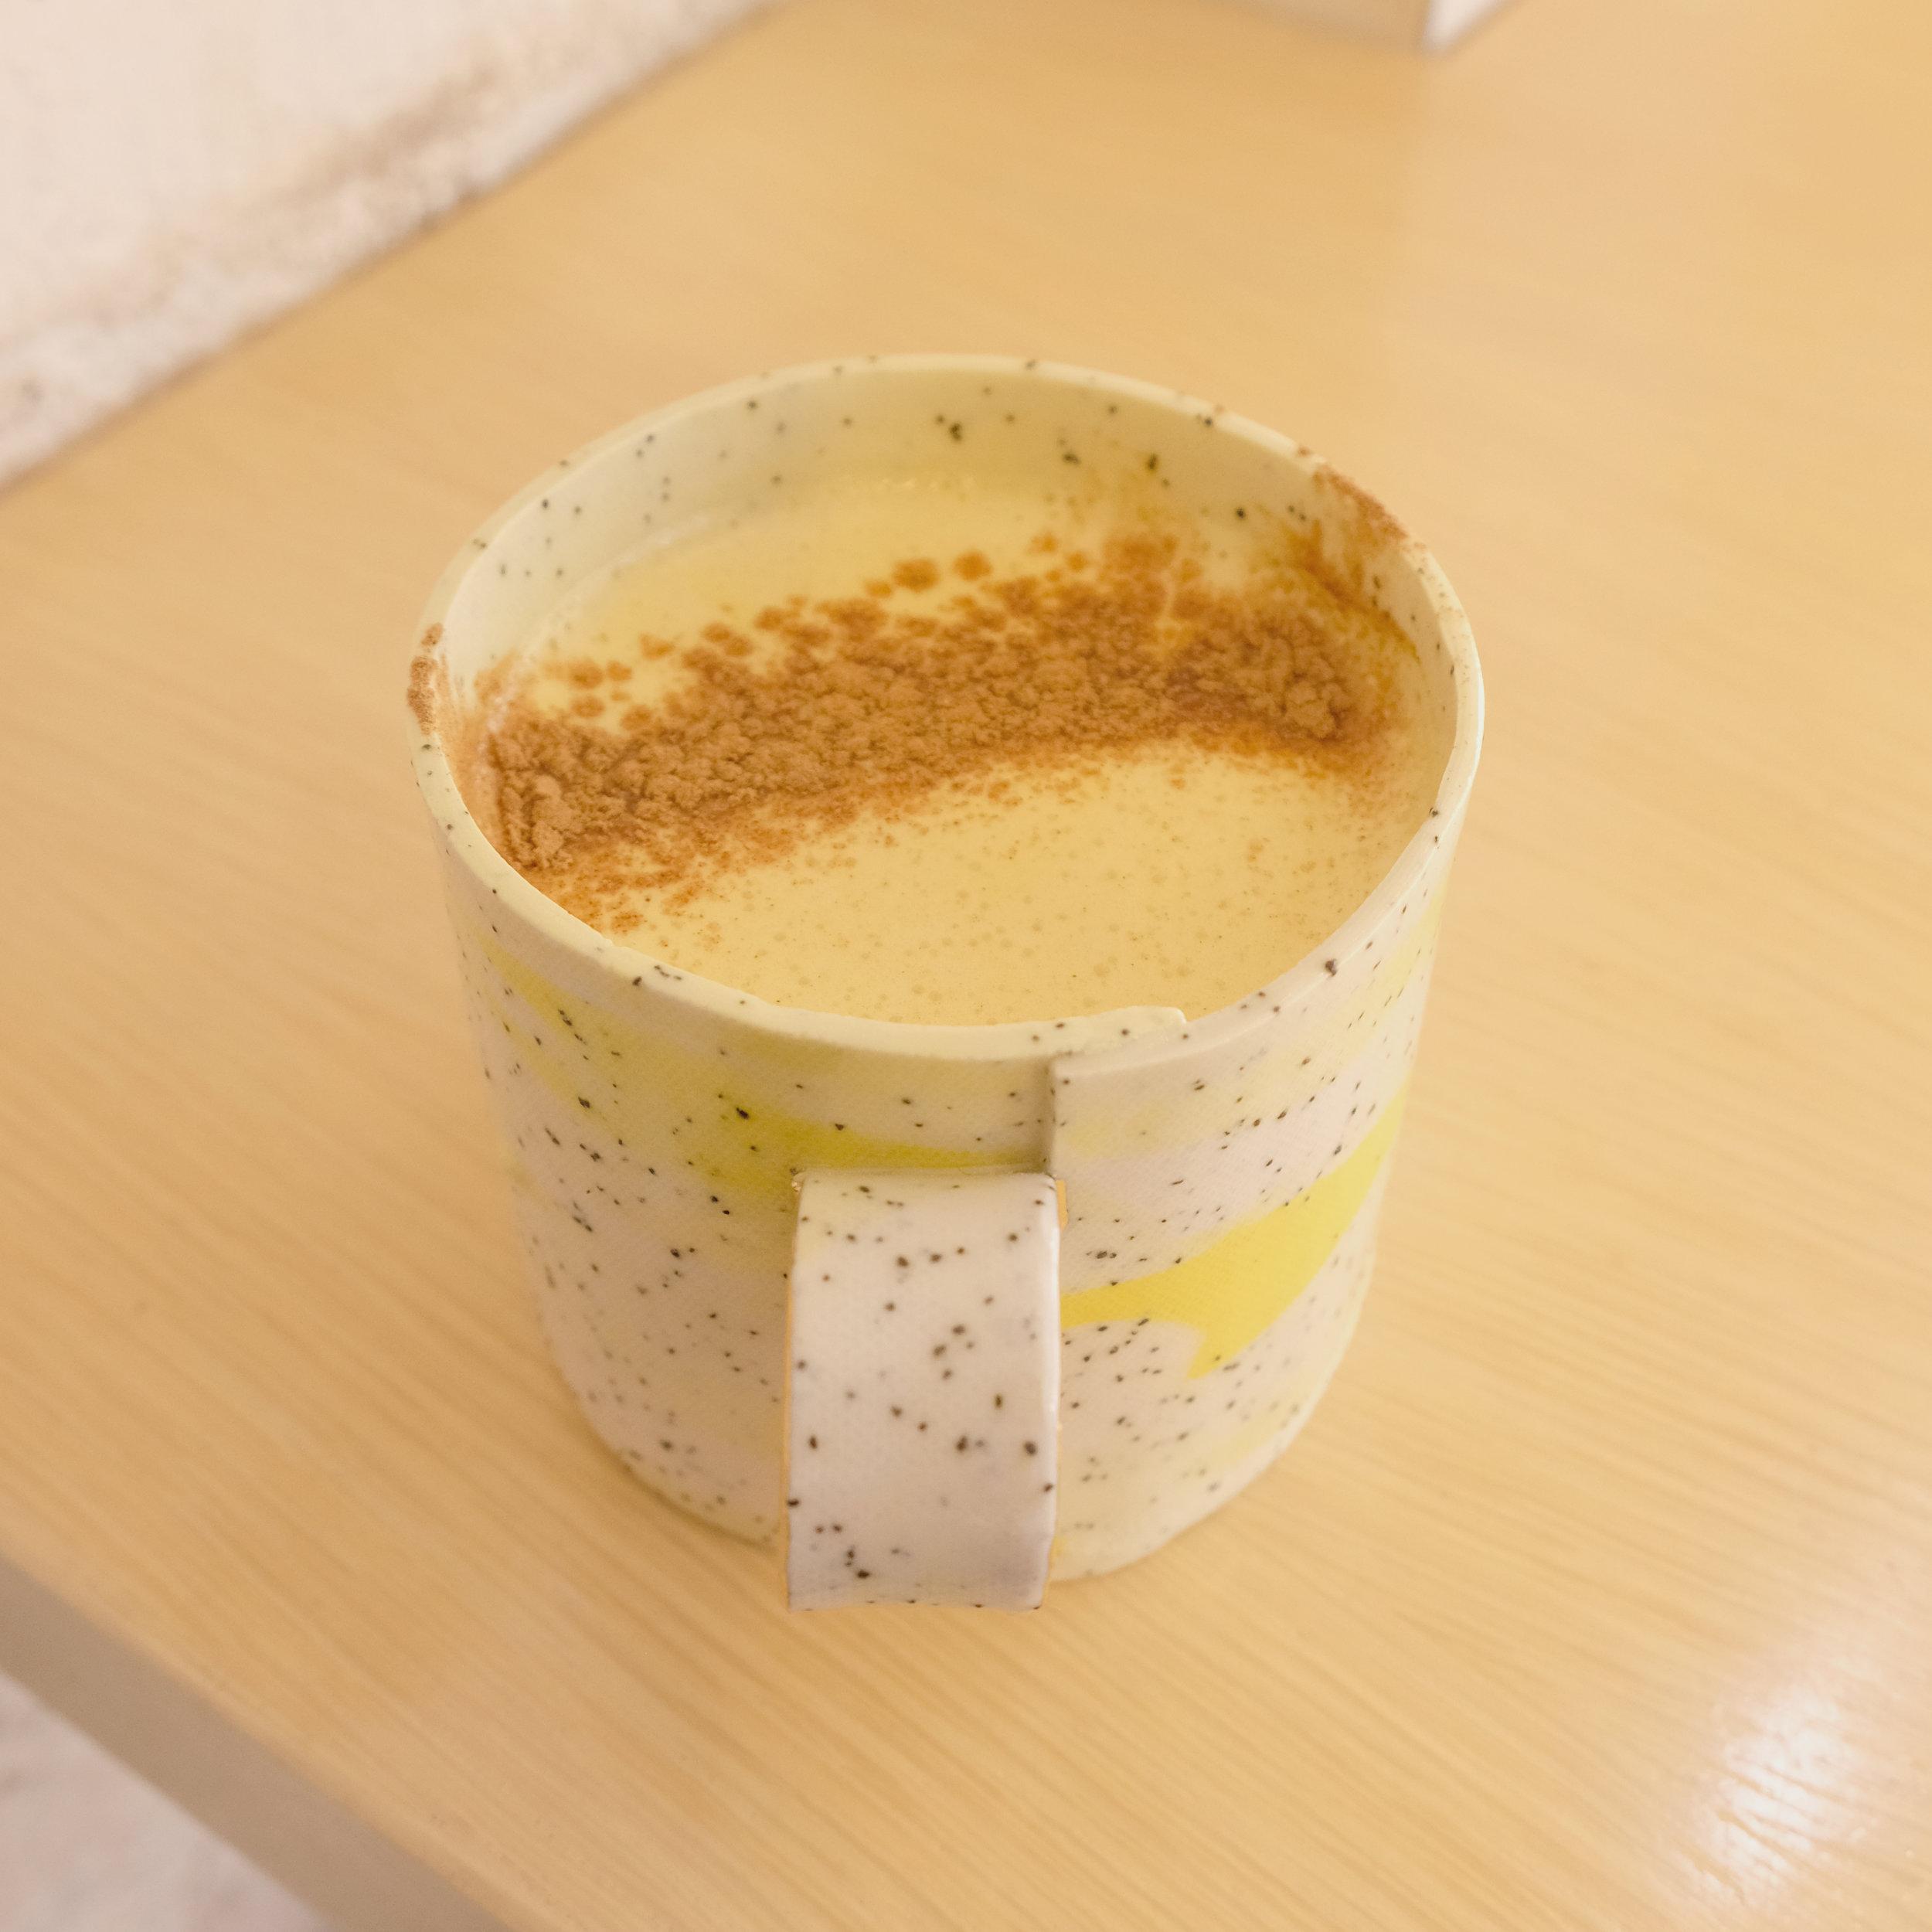 Golden Turmeric Milk Latte - by Brotes y Raices